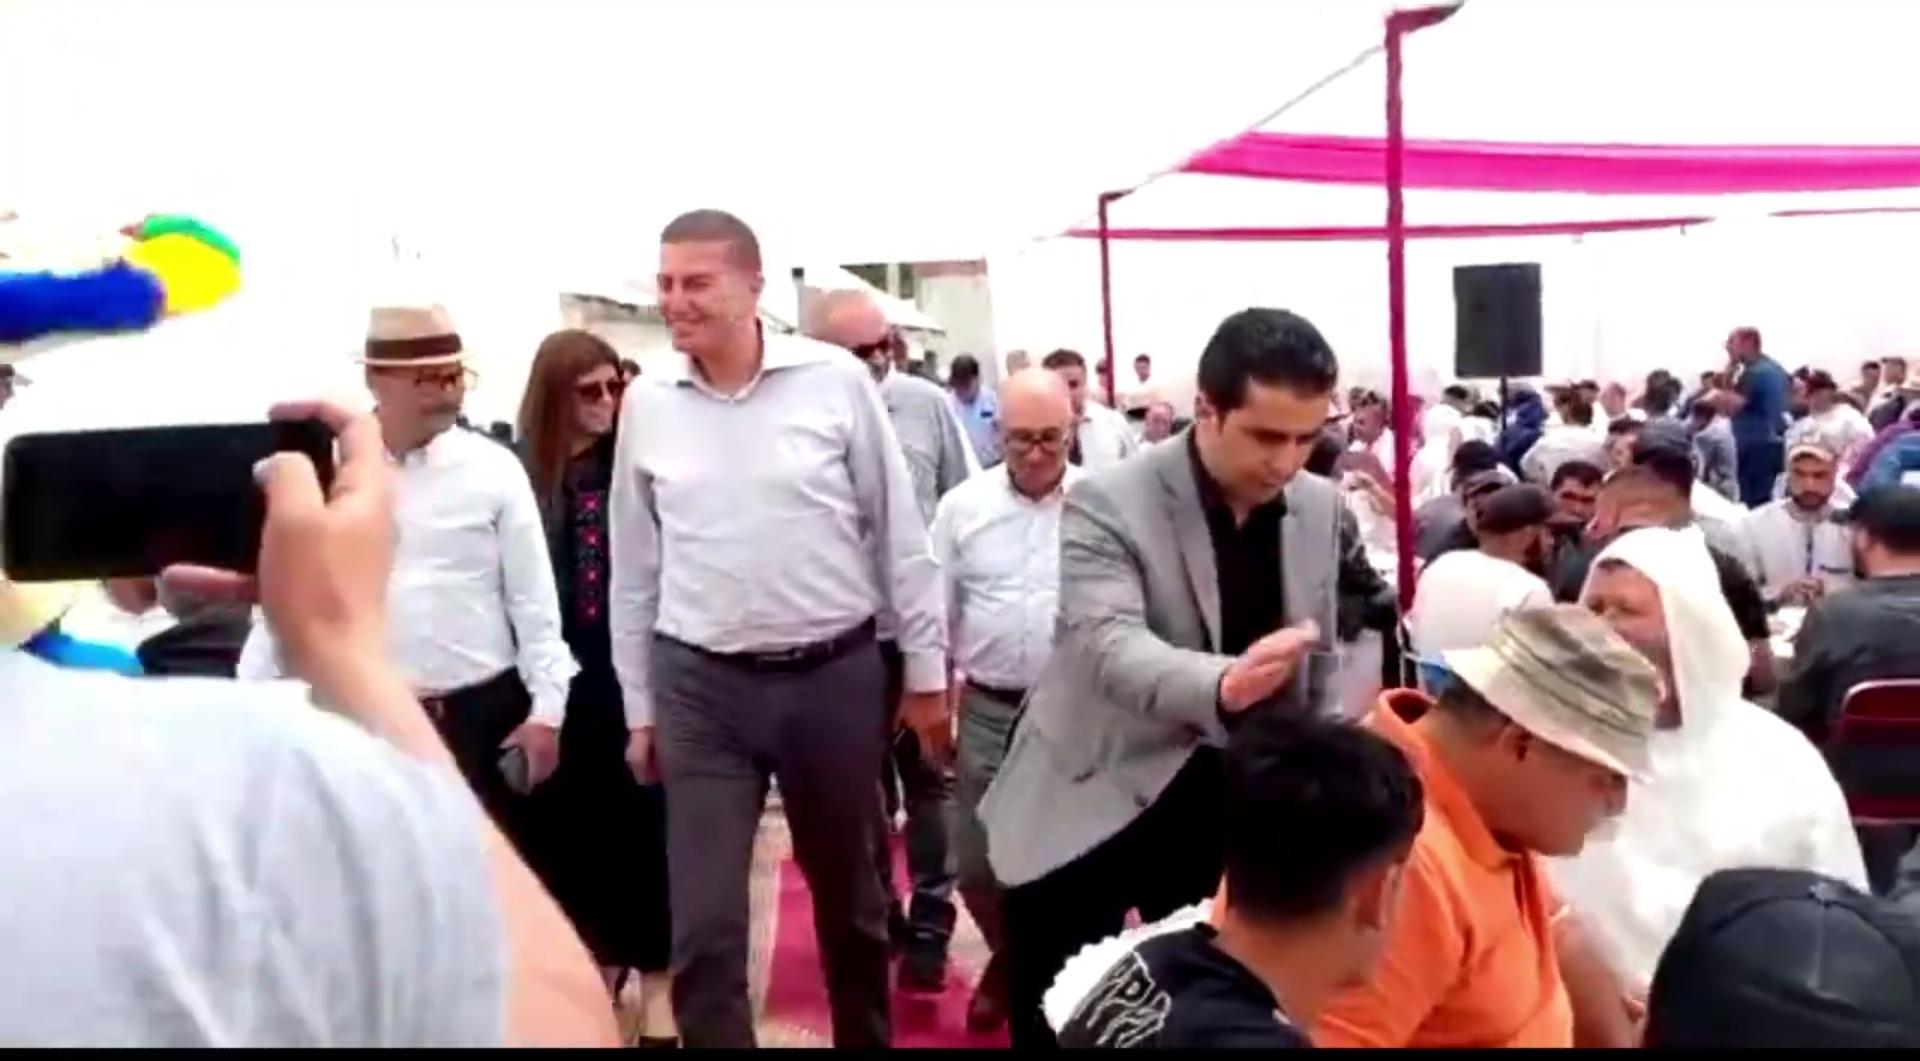 التراكتور ينظم لقاء بجماعة تازروت في حملة انتخابية سابقة لأوانها